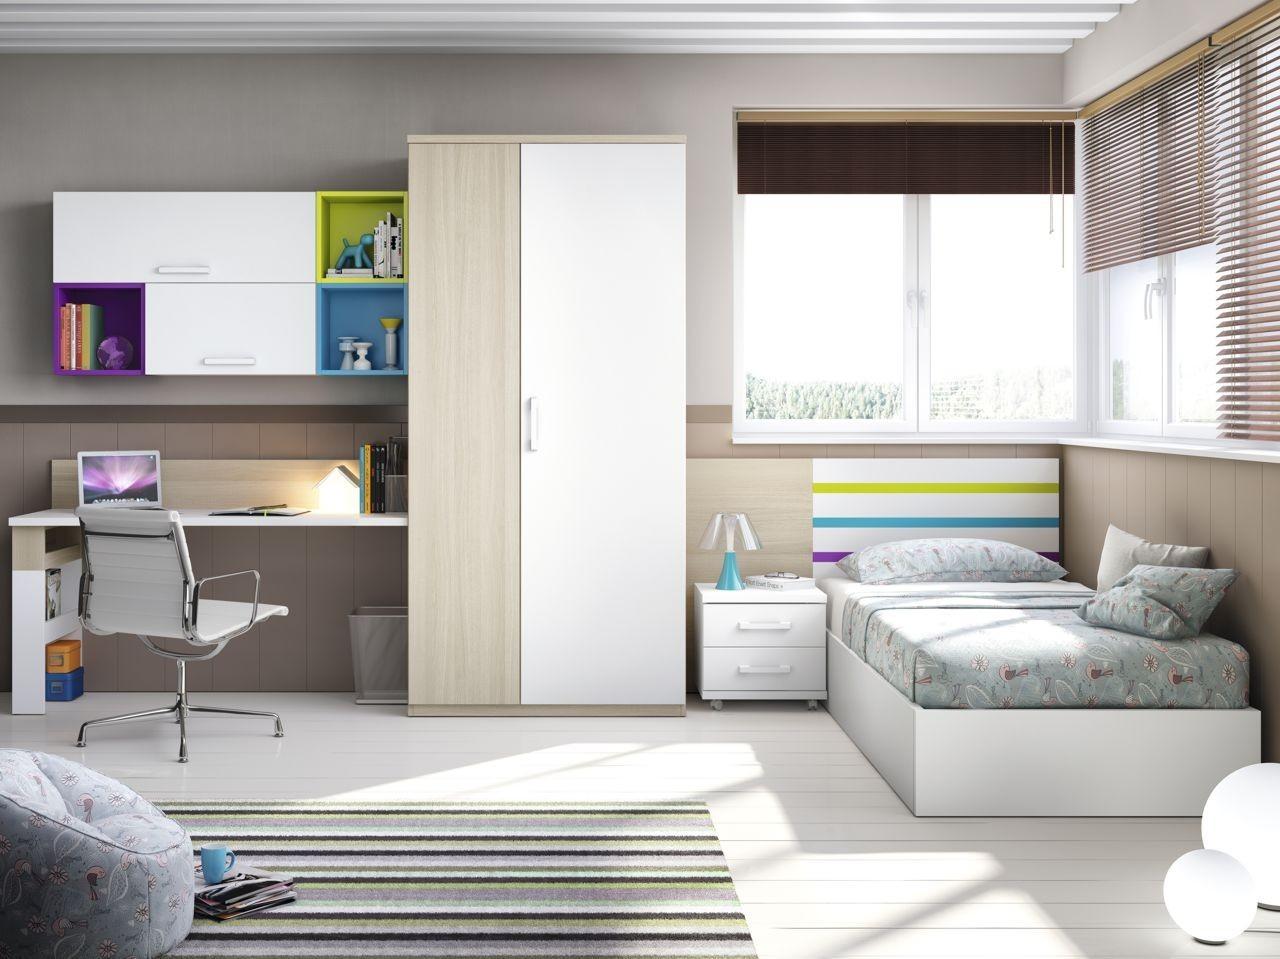 Dormitorio juvenil Roble aqua verde malva y blanco con